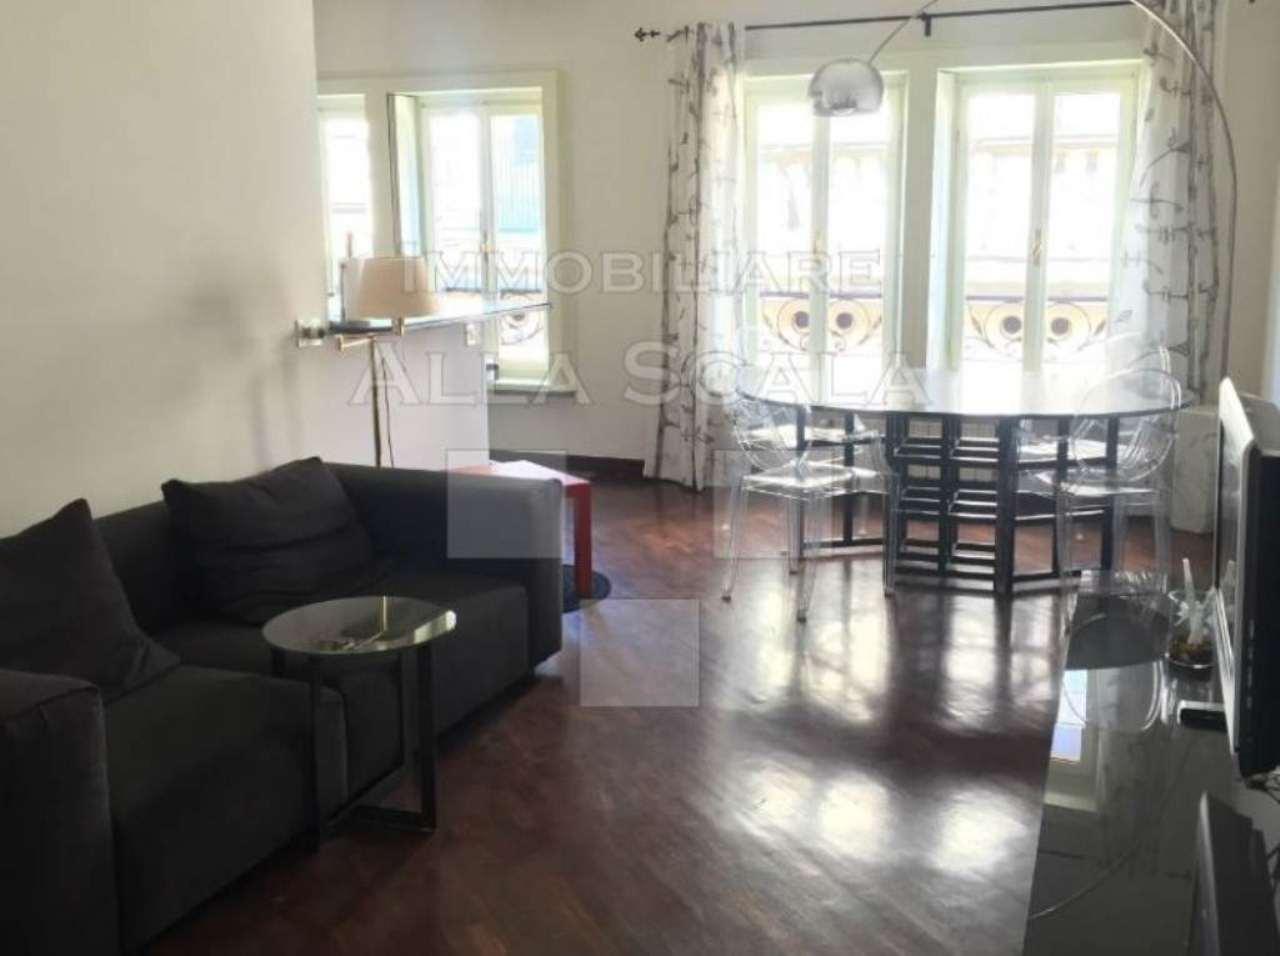 Appartamento in Vendita a Milano: 3 locali, 110 mq - Foto 2